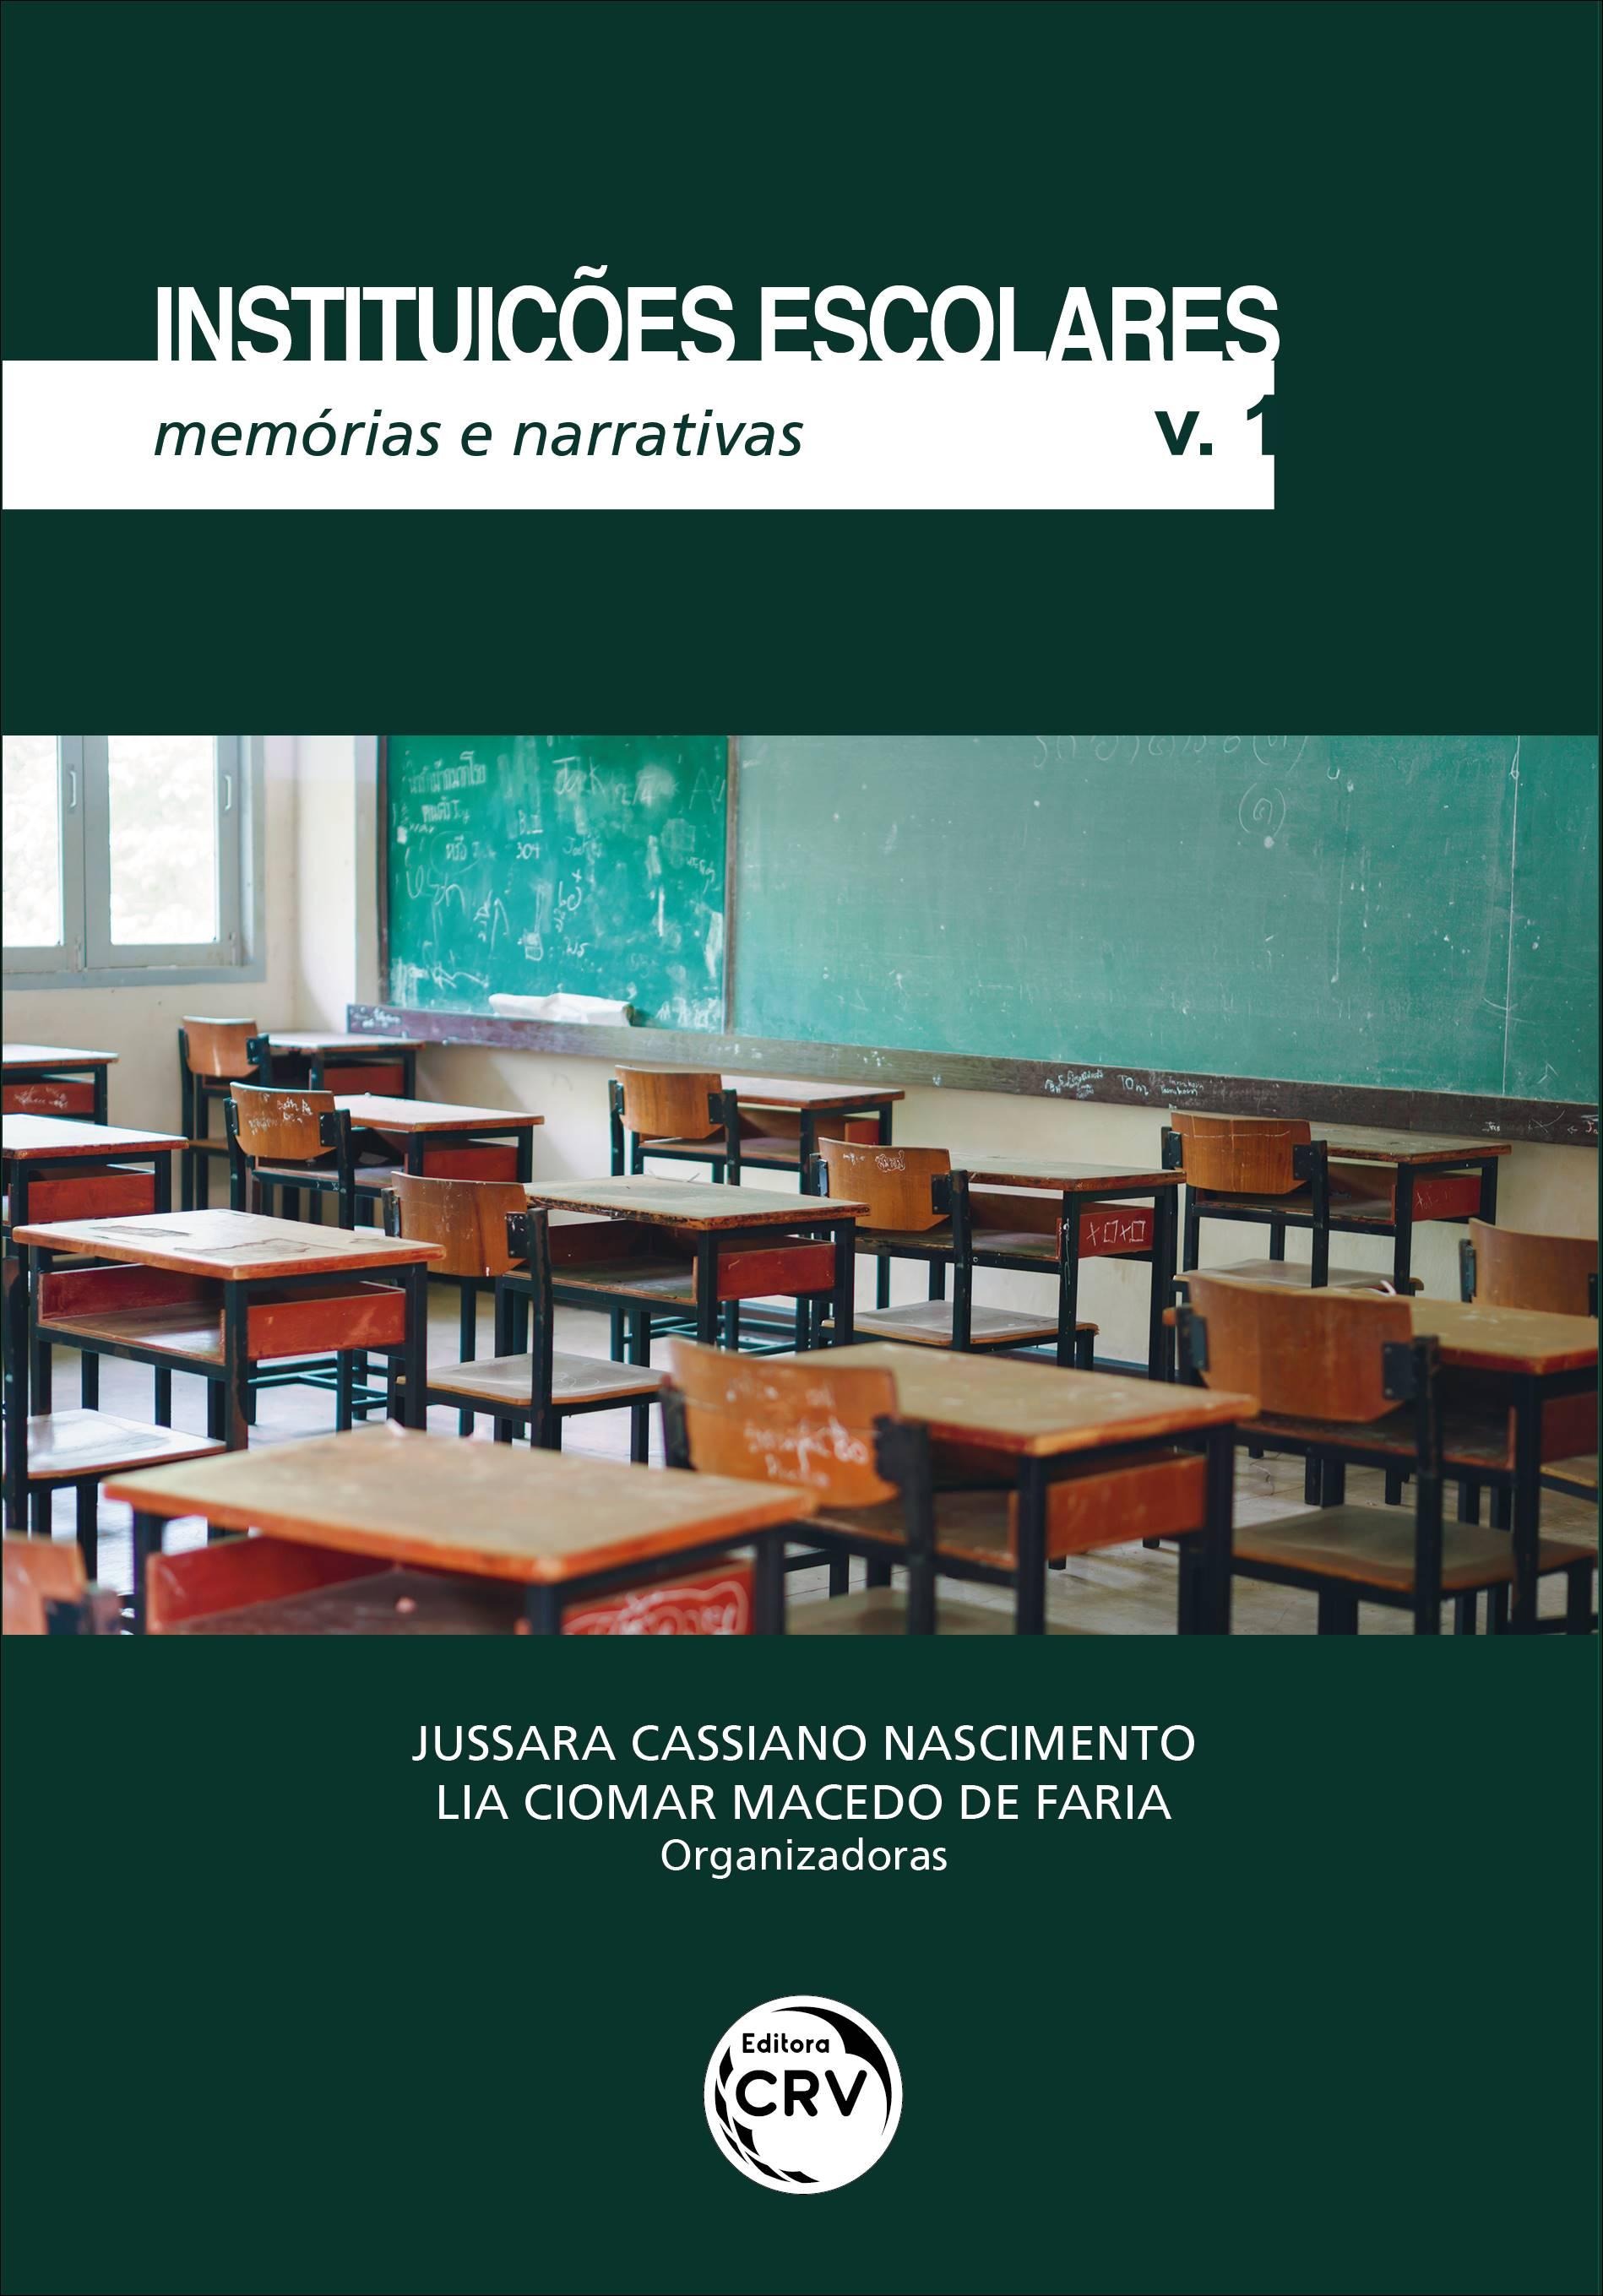 Capa do livro: INSTITUIÇÕES ESCOLARES:<br> memórias e narrativas <br>Coleção Instituições Escolares - Volume 1